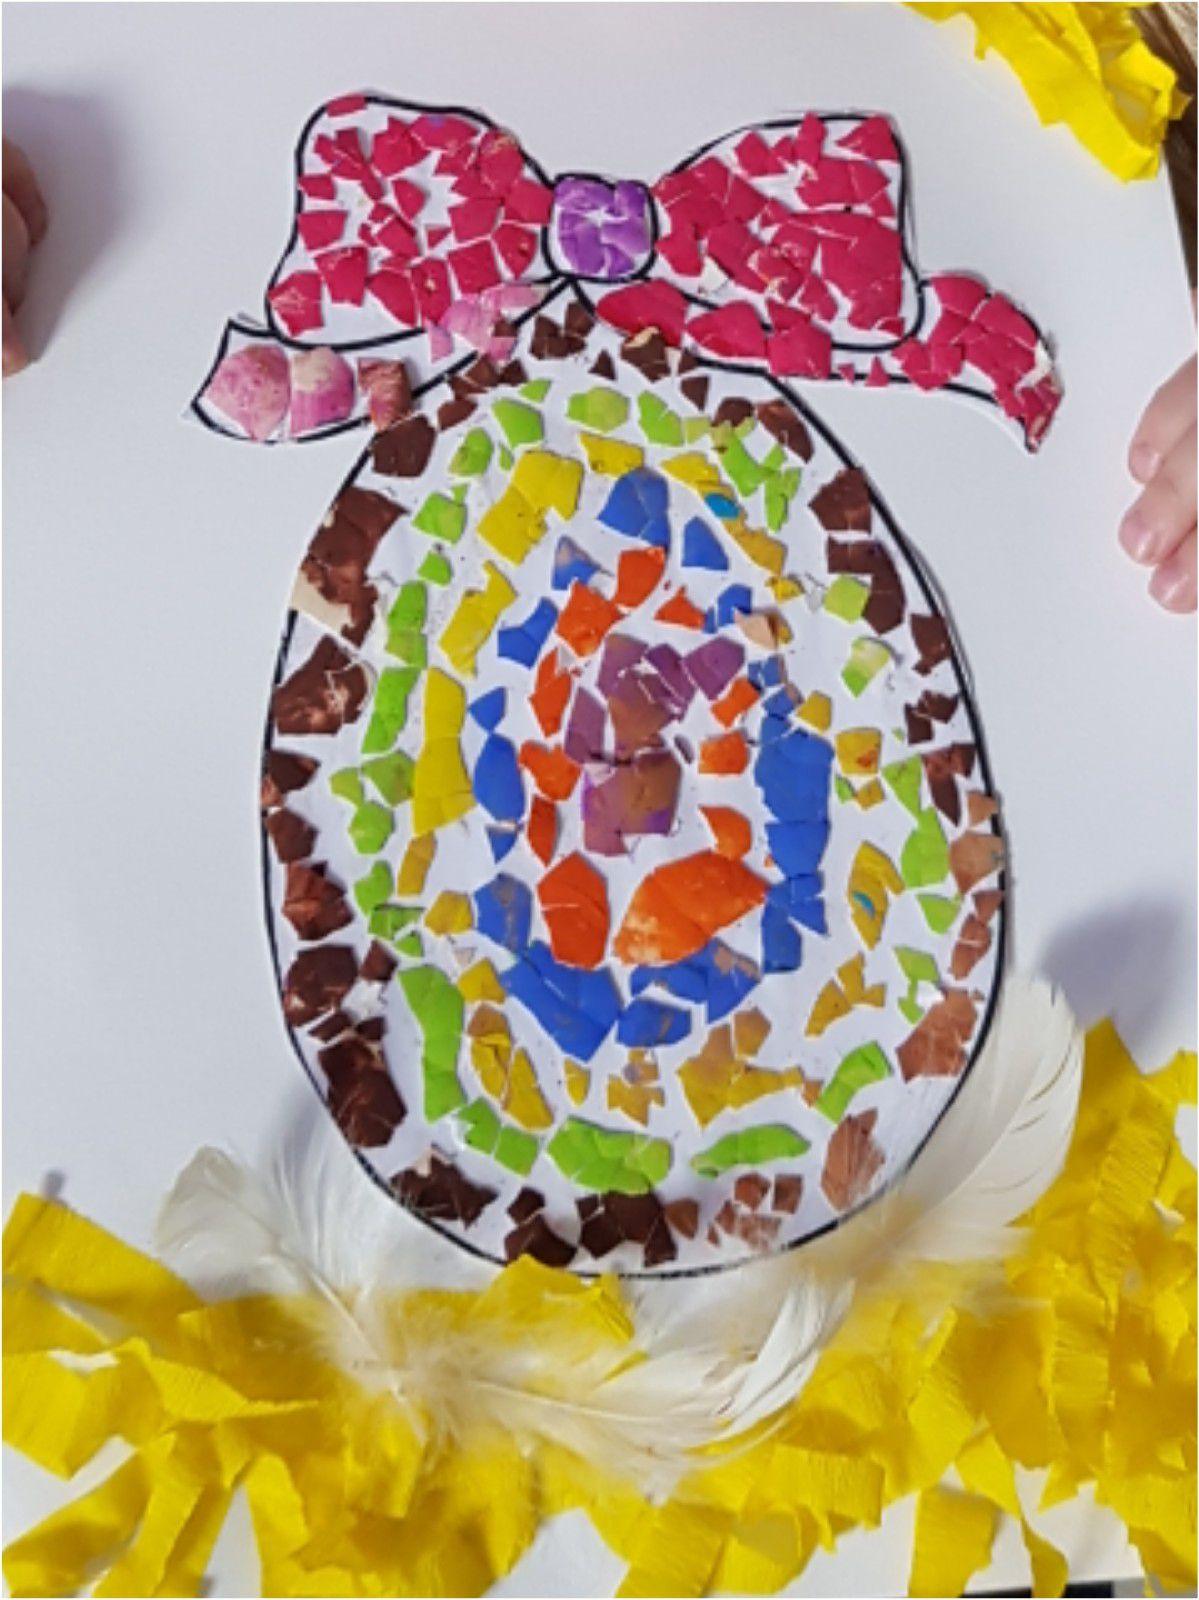 Arts visuels : Pâques avec des coquilles d'œufs